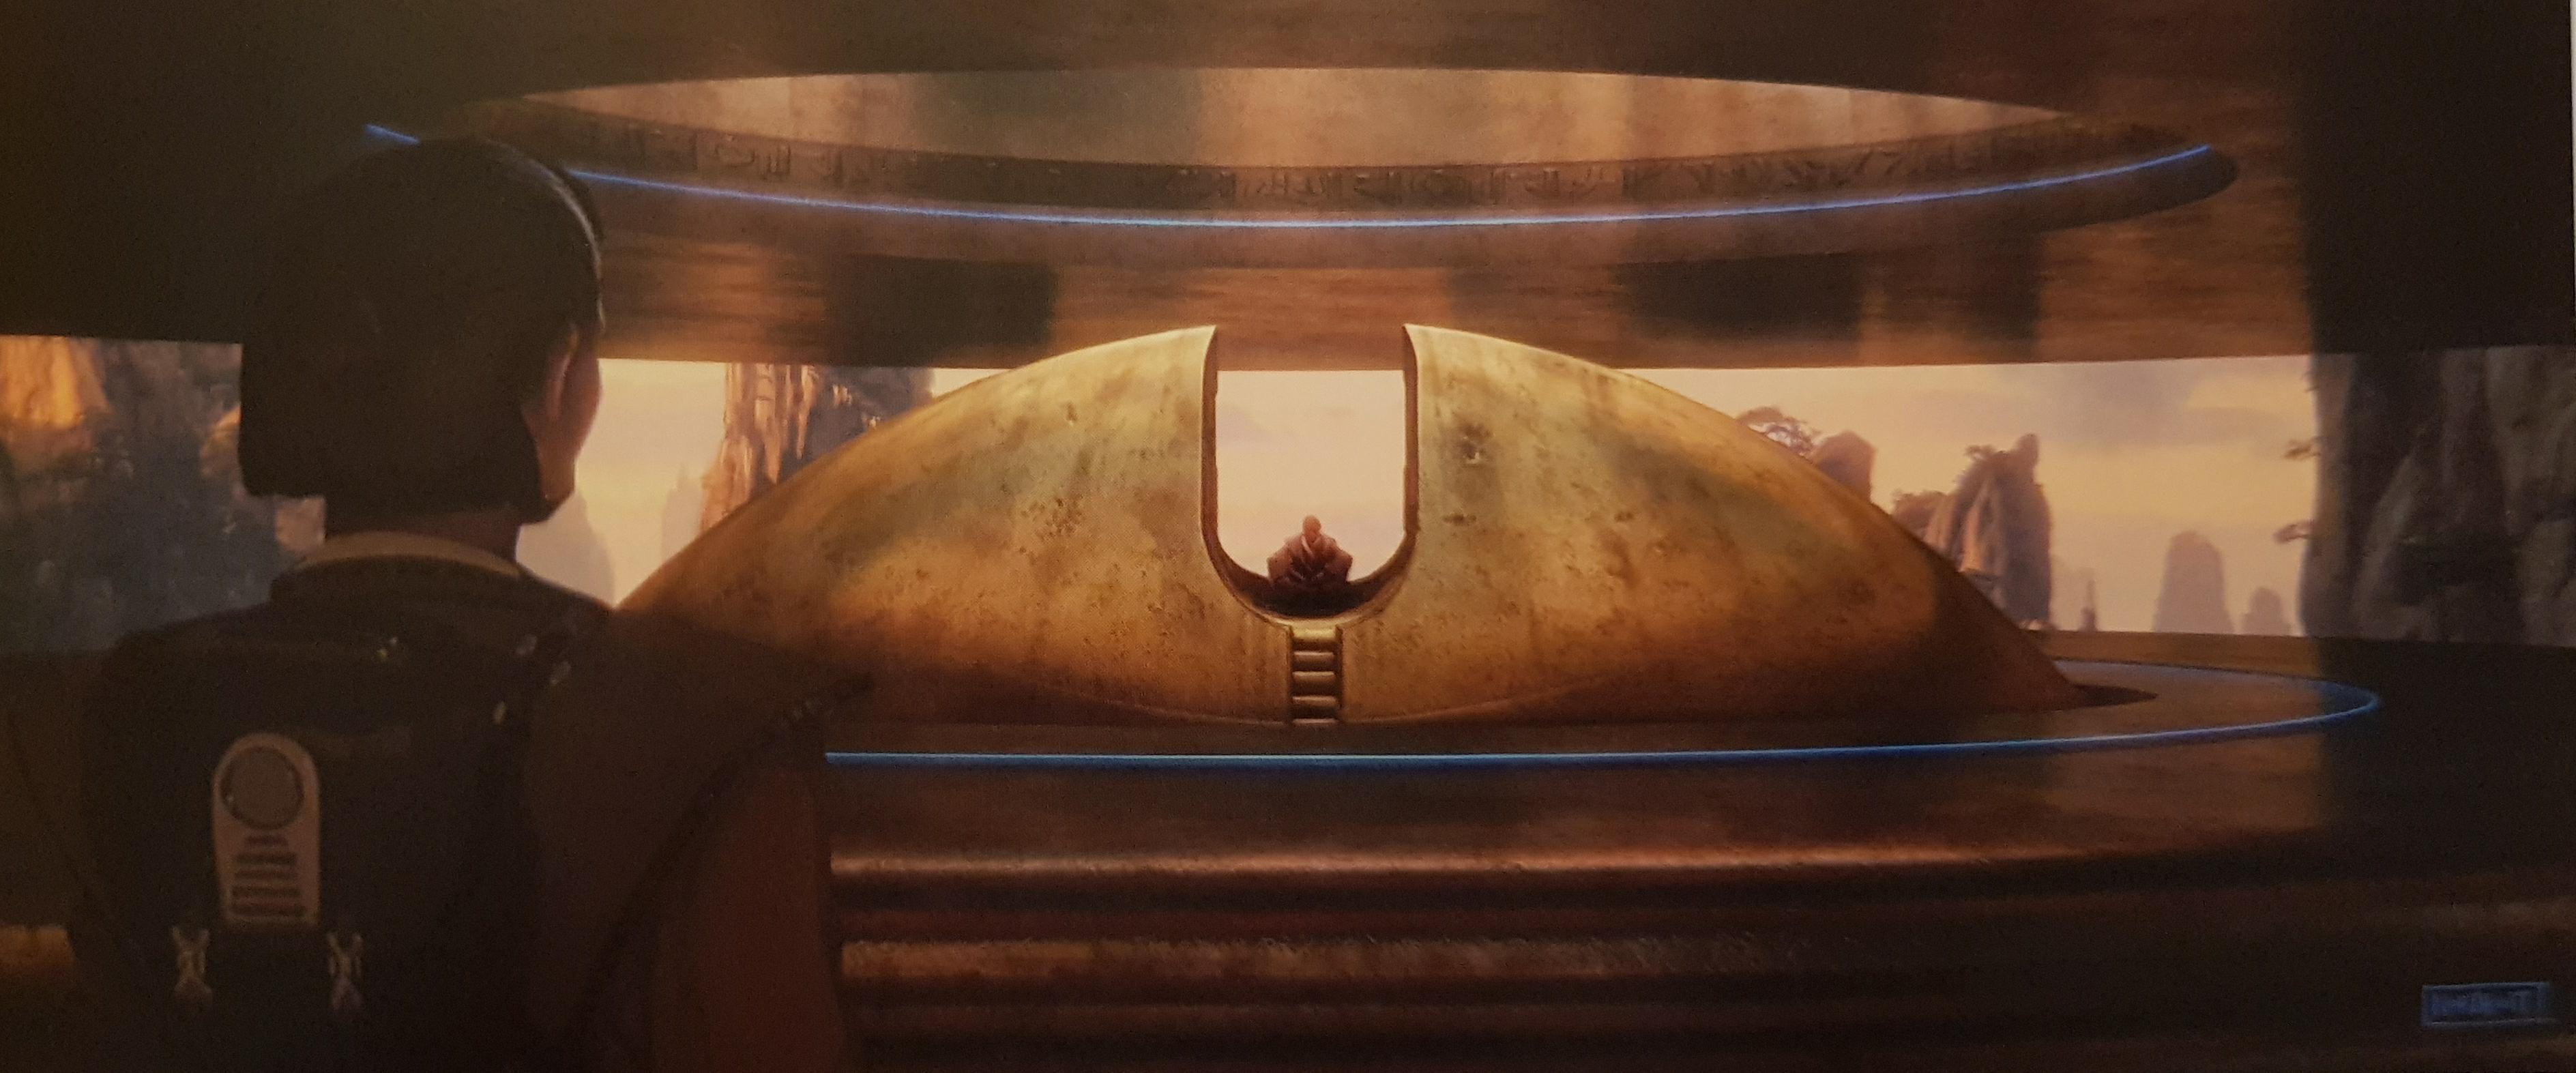 Rey erilaisessa jeditemppelissä, luonnoskuva.